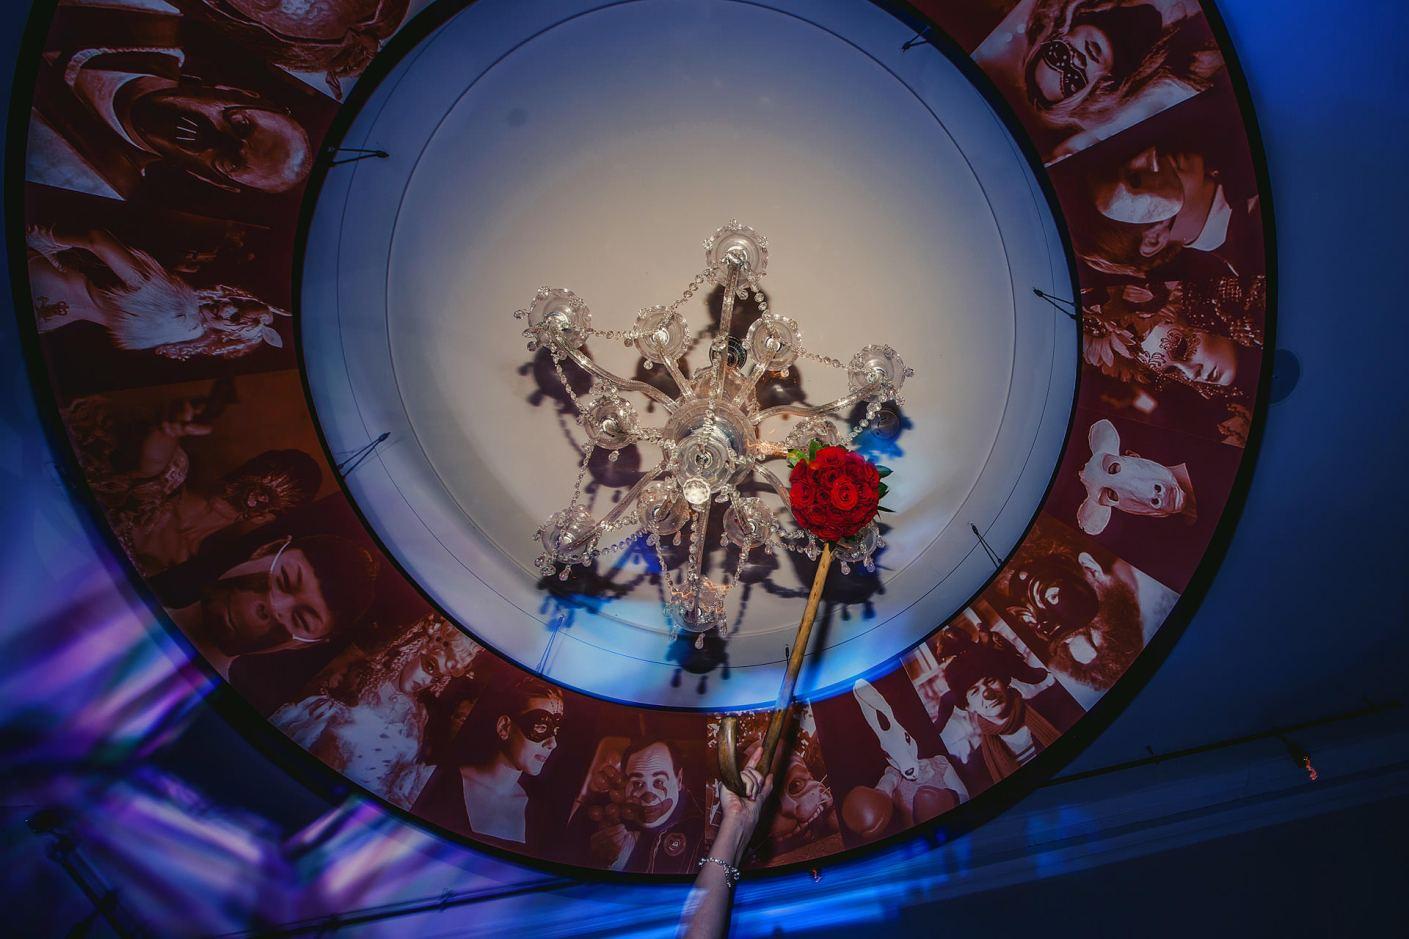 stuck in the chandelier